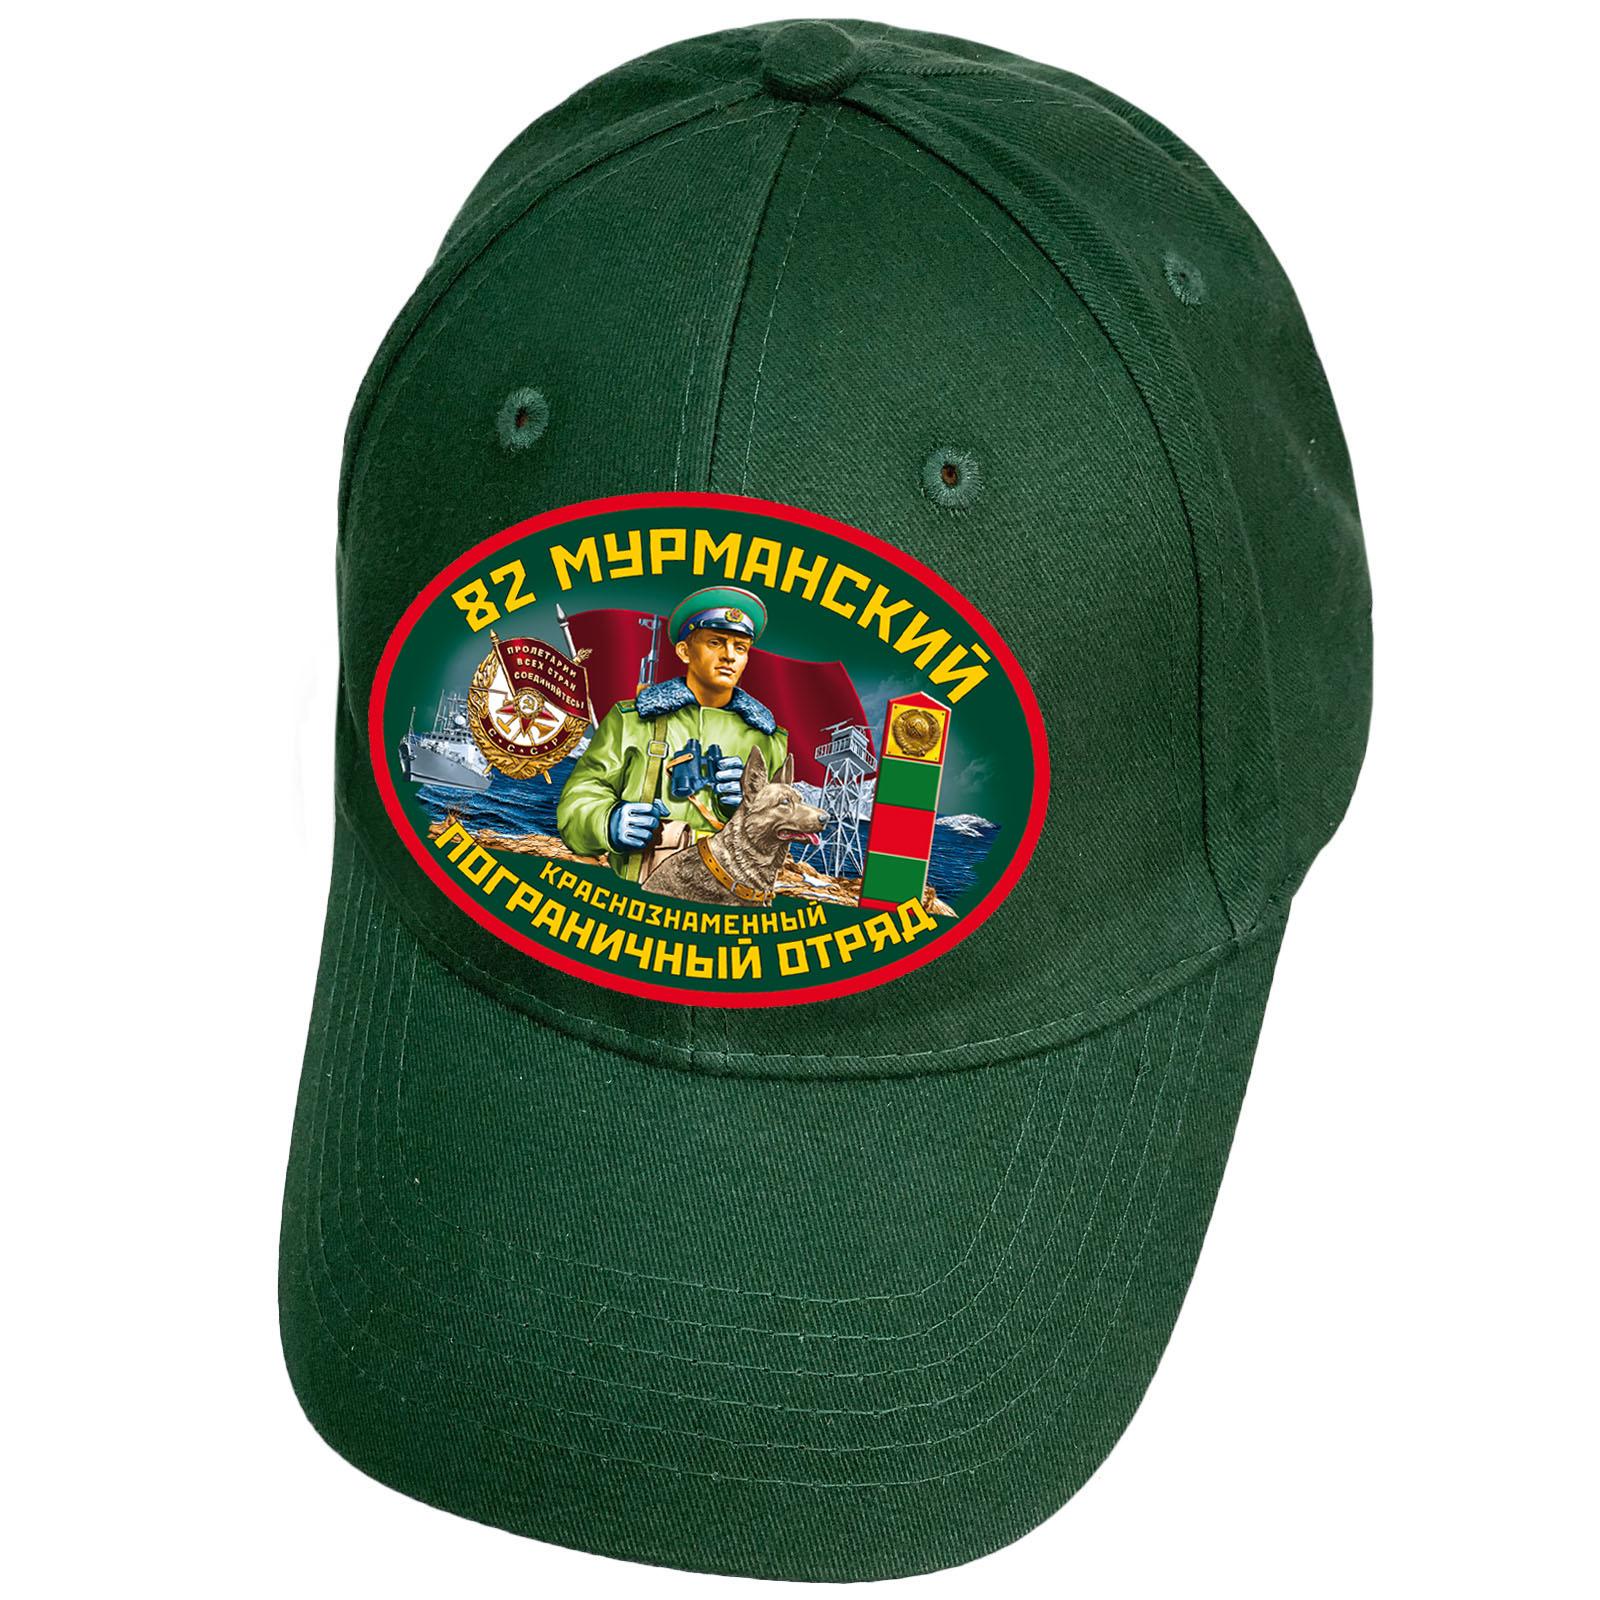 Тёмно-зелёная бейсболка 82 Мурманский пограничный отряд